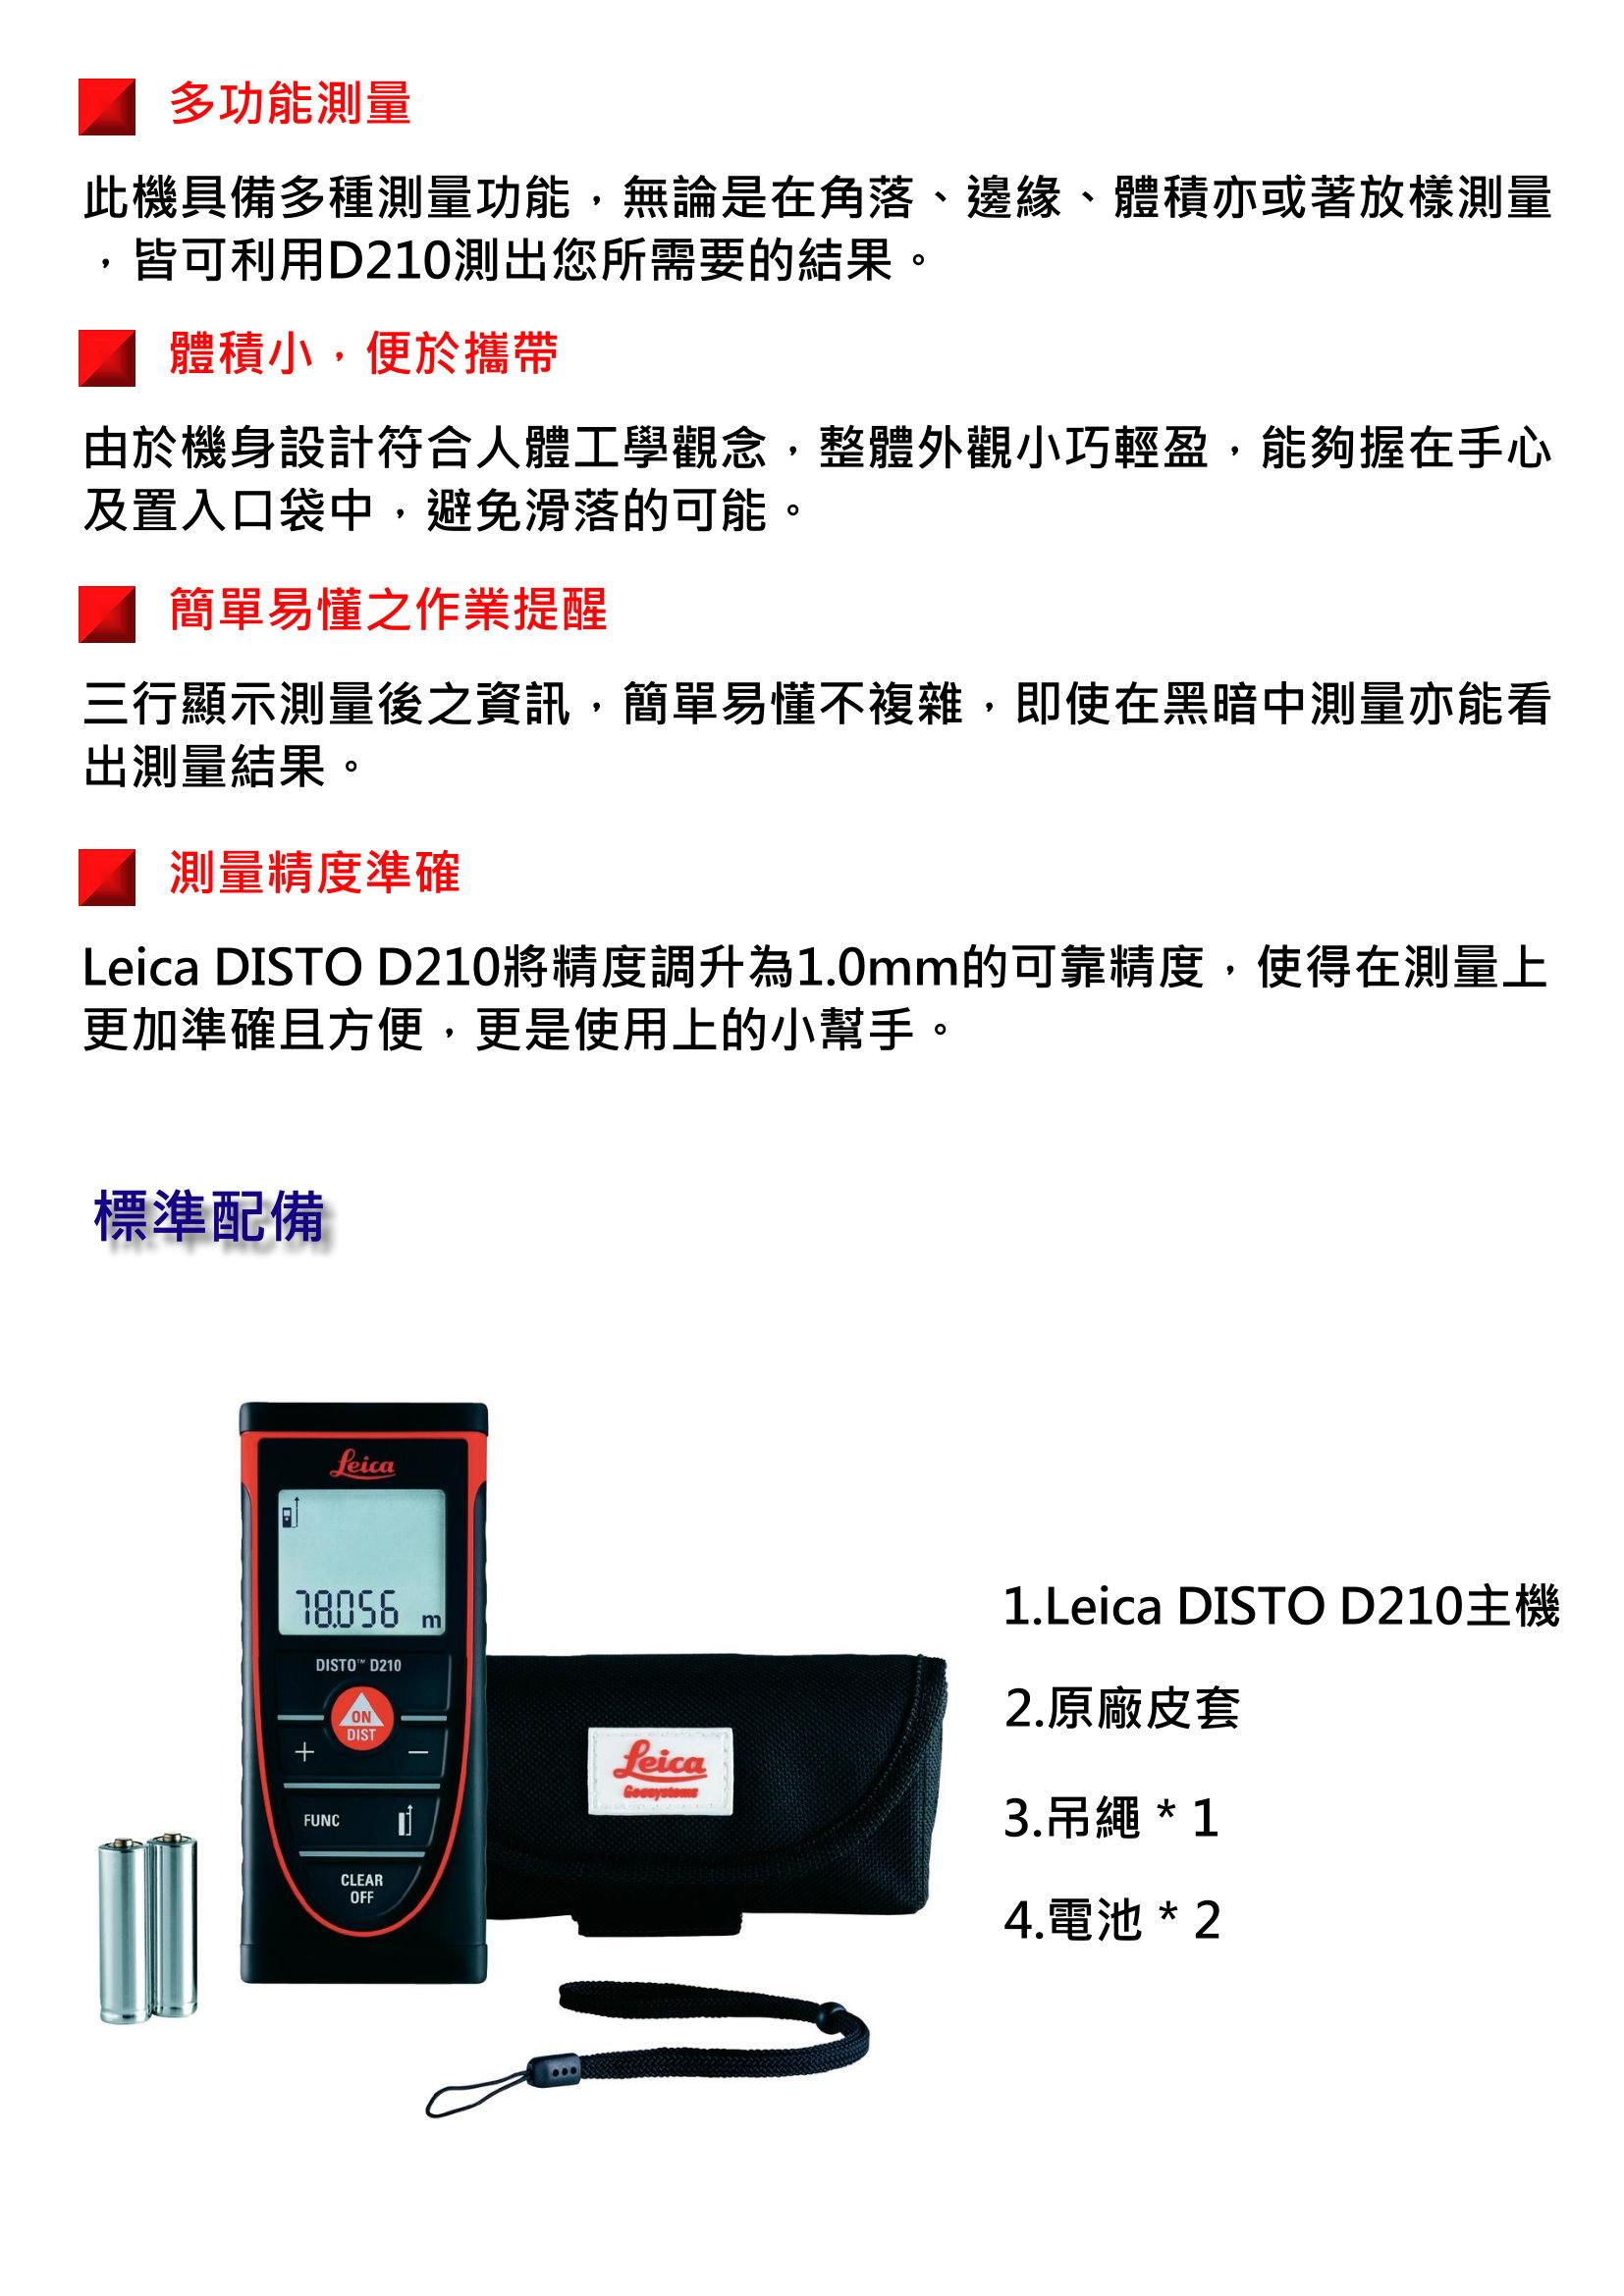 Leica%20DISTO%20D210(3) 手持雷射測距儀Leica DISTO D210